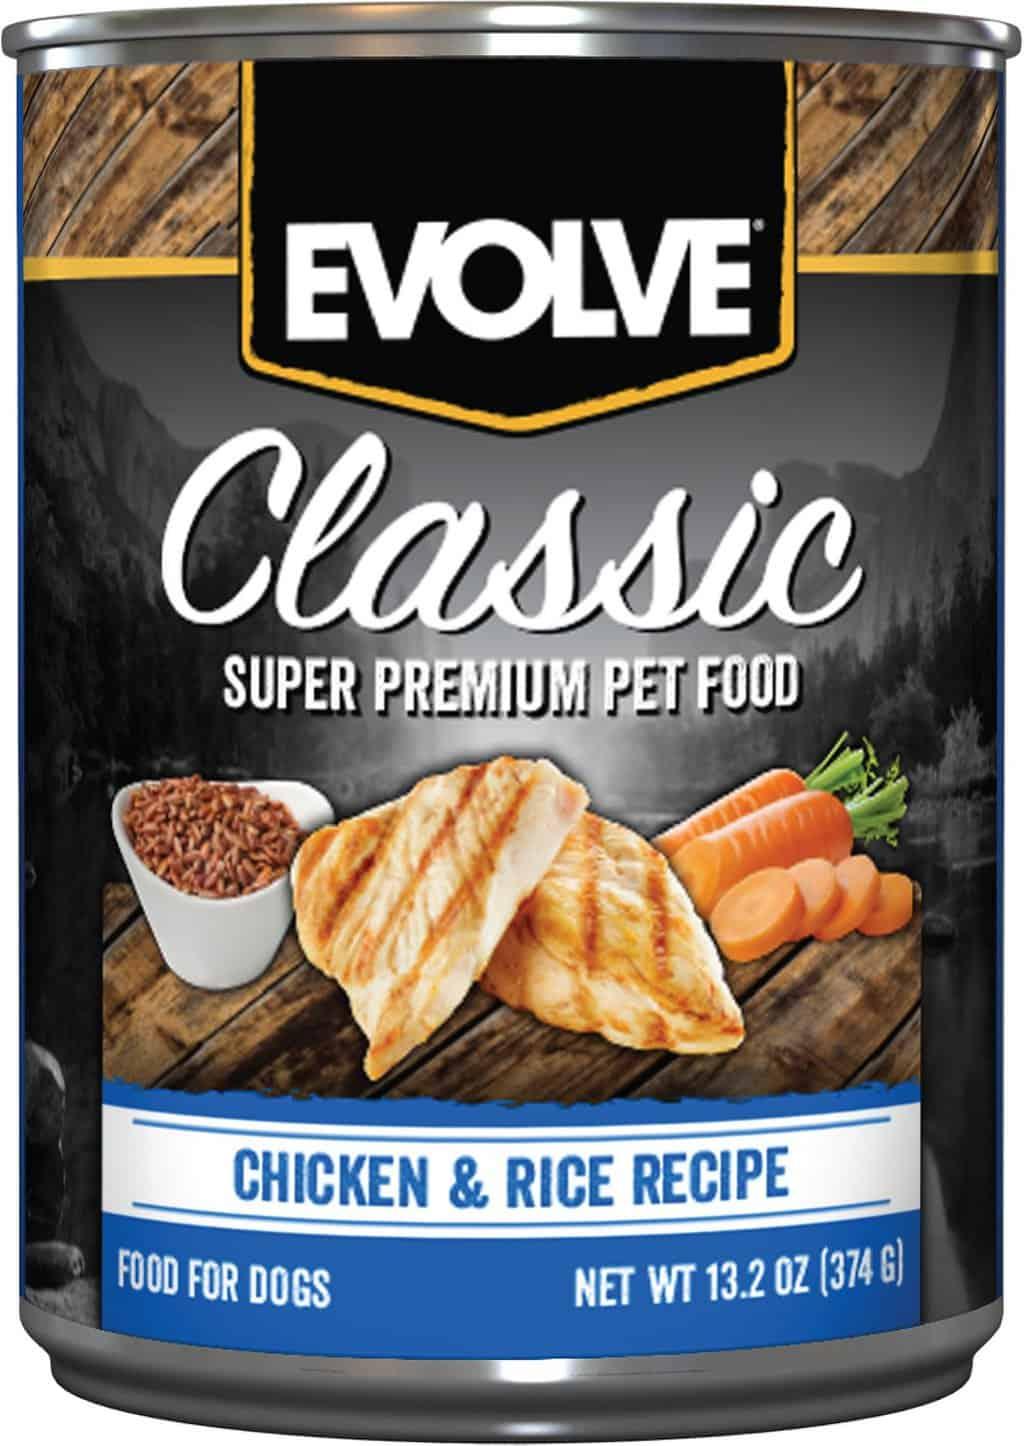 Evolve Dog Food Review 2021: Best Affordable, Premium Pet Food? 23